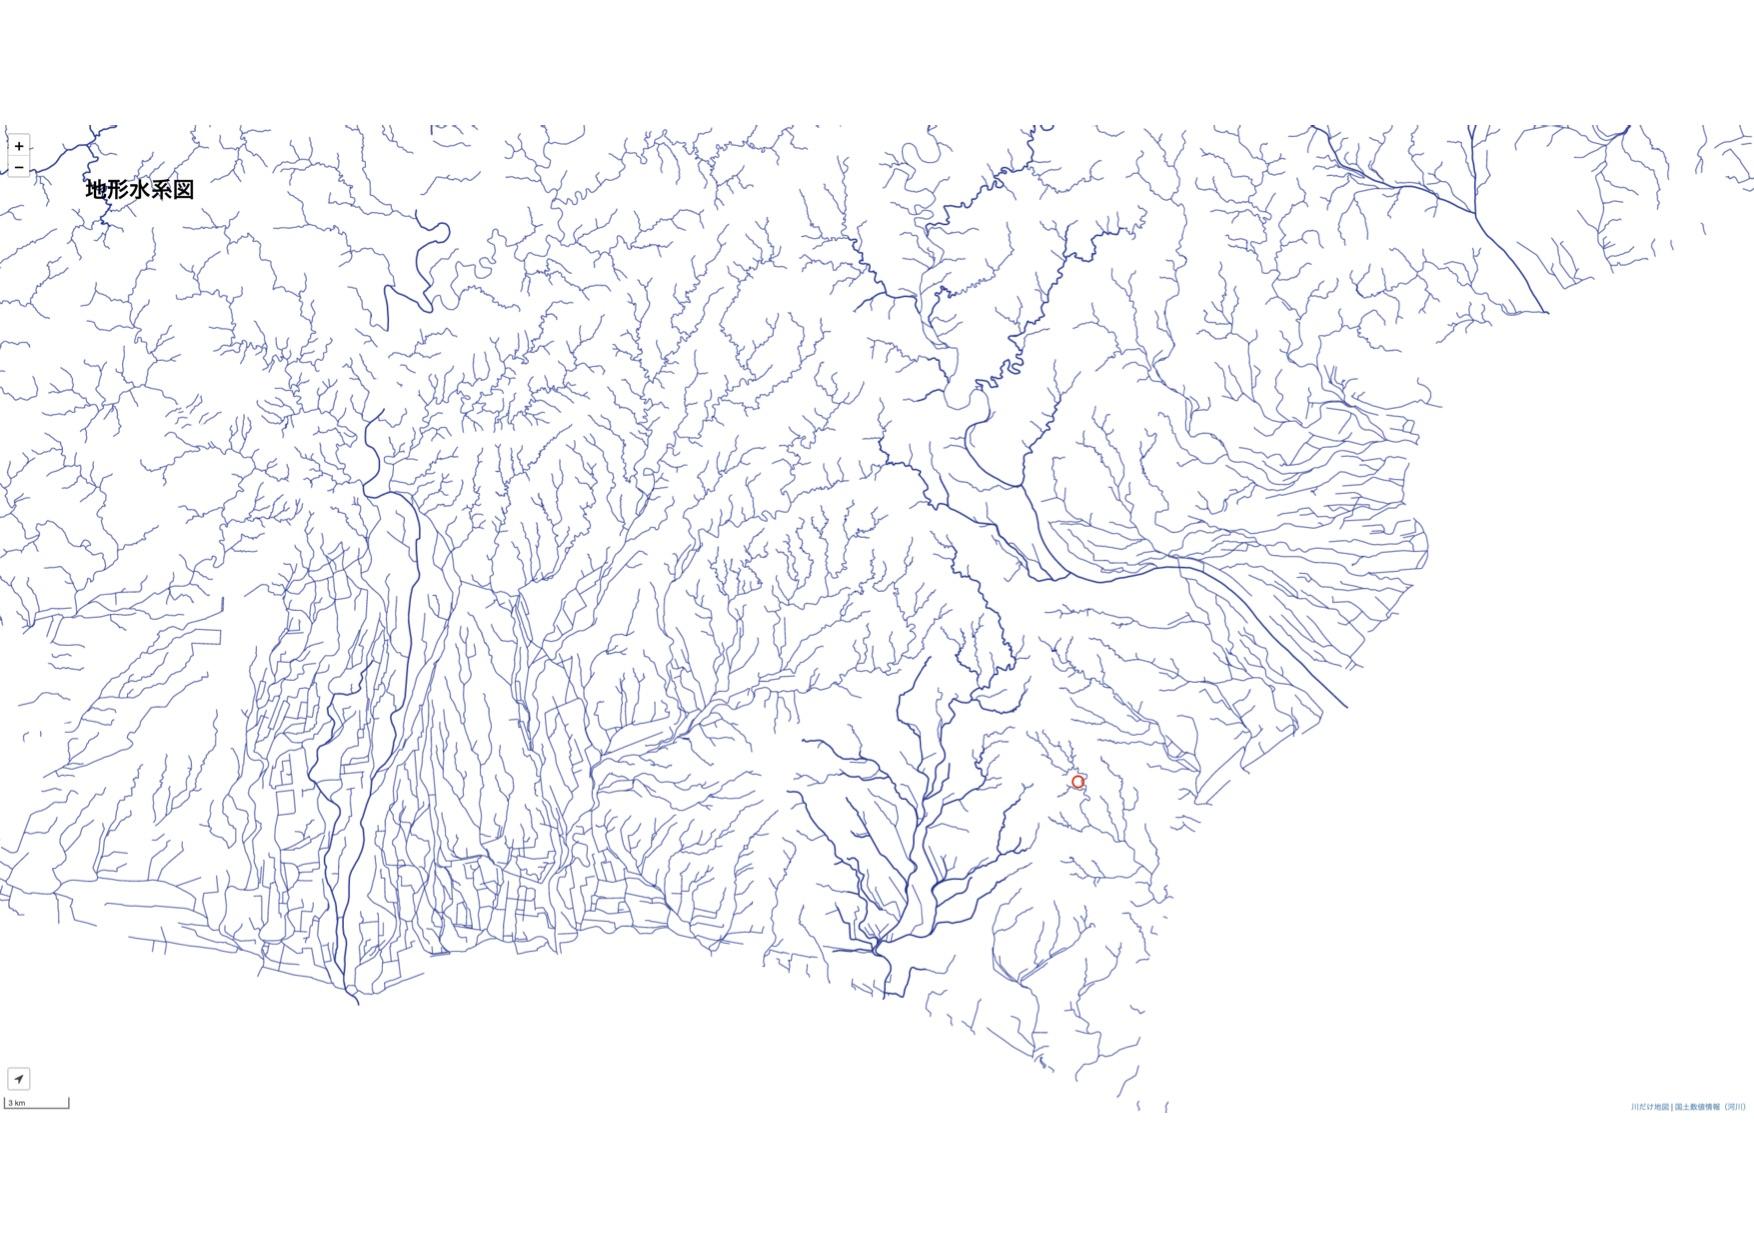 地形水系図 修正版